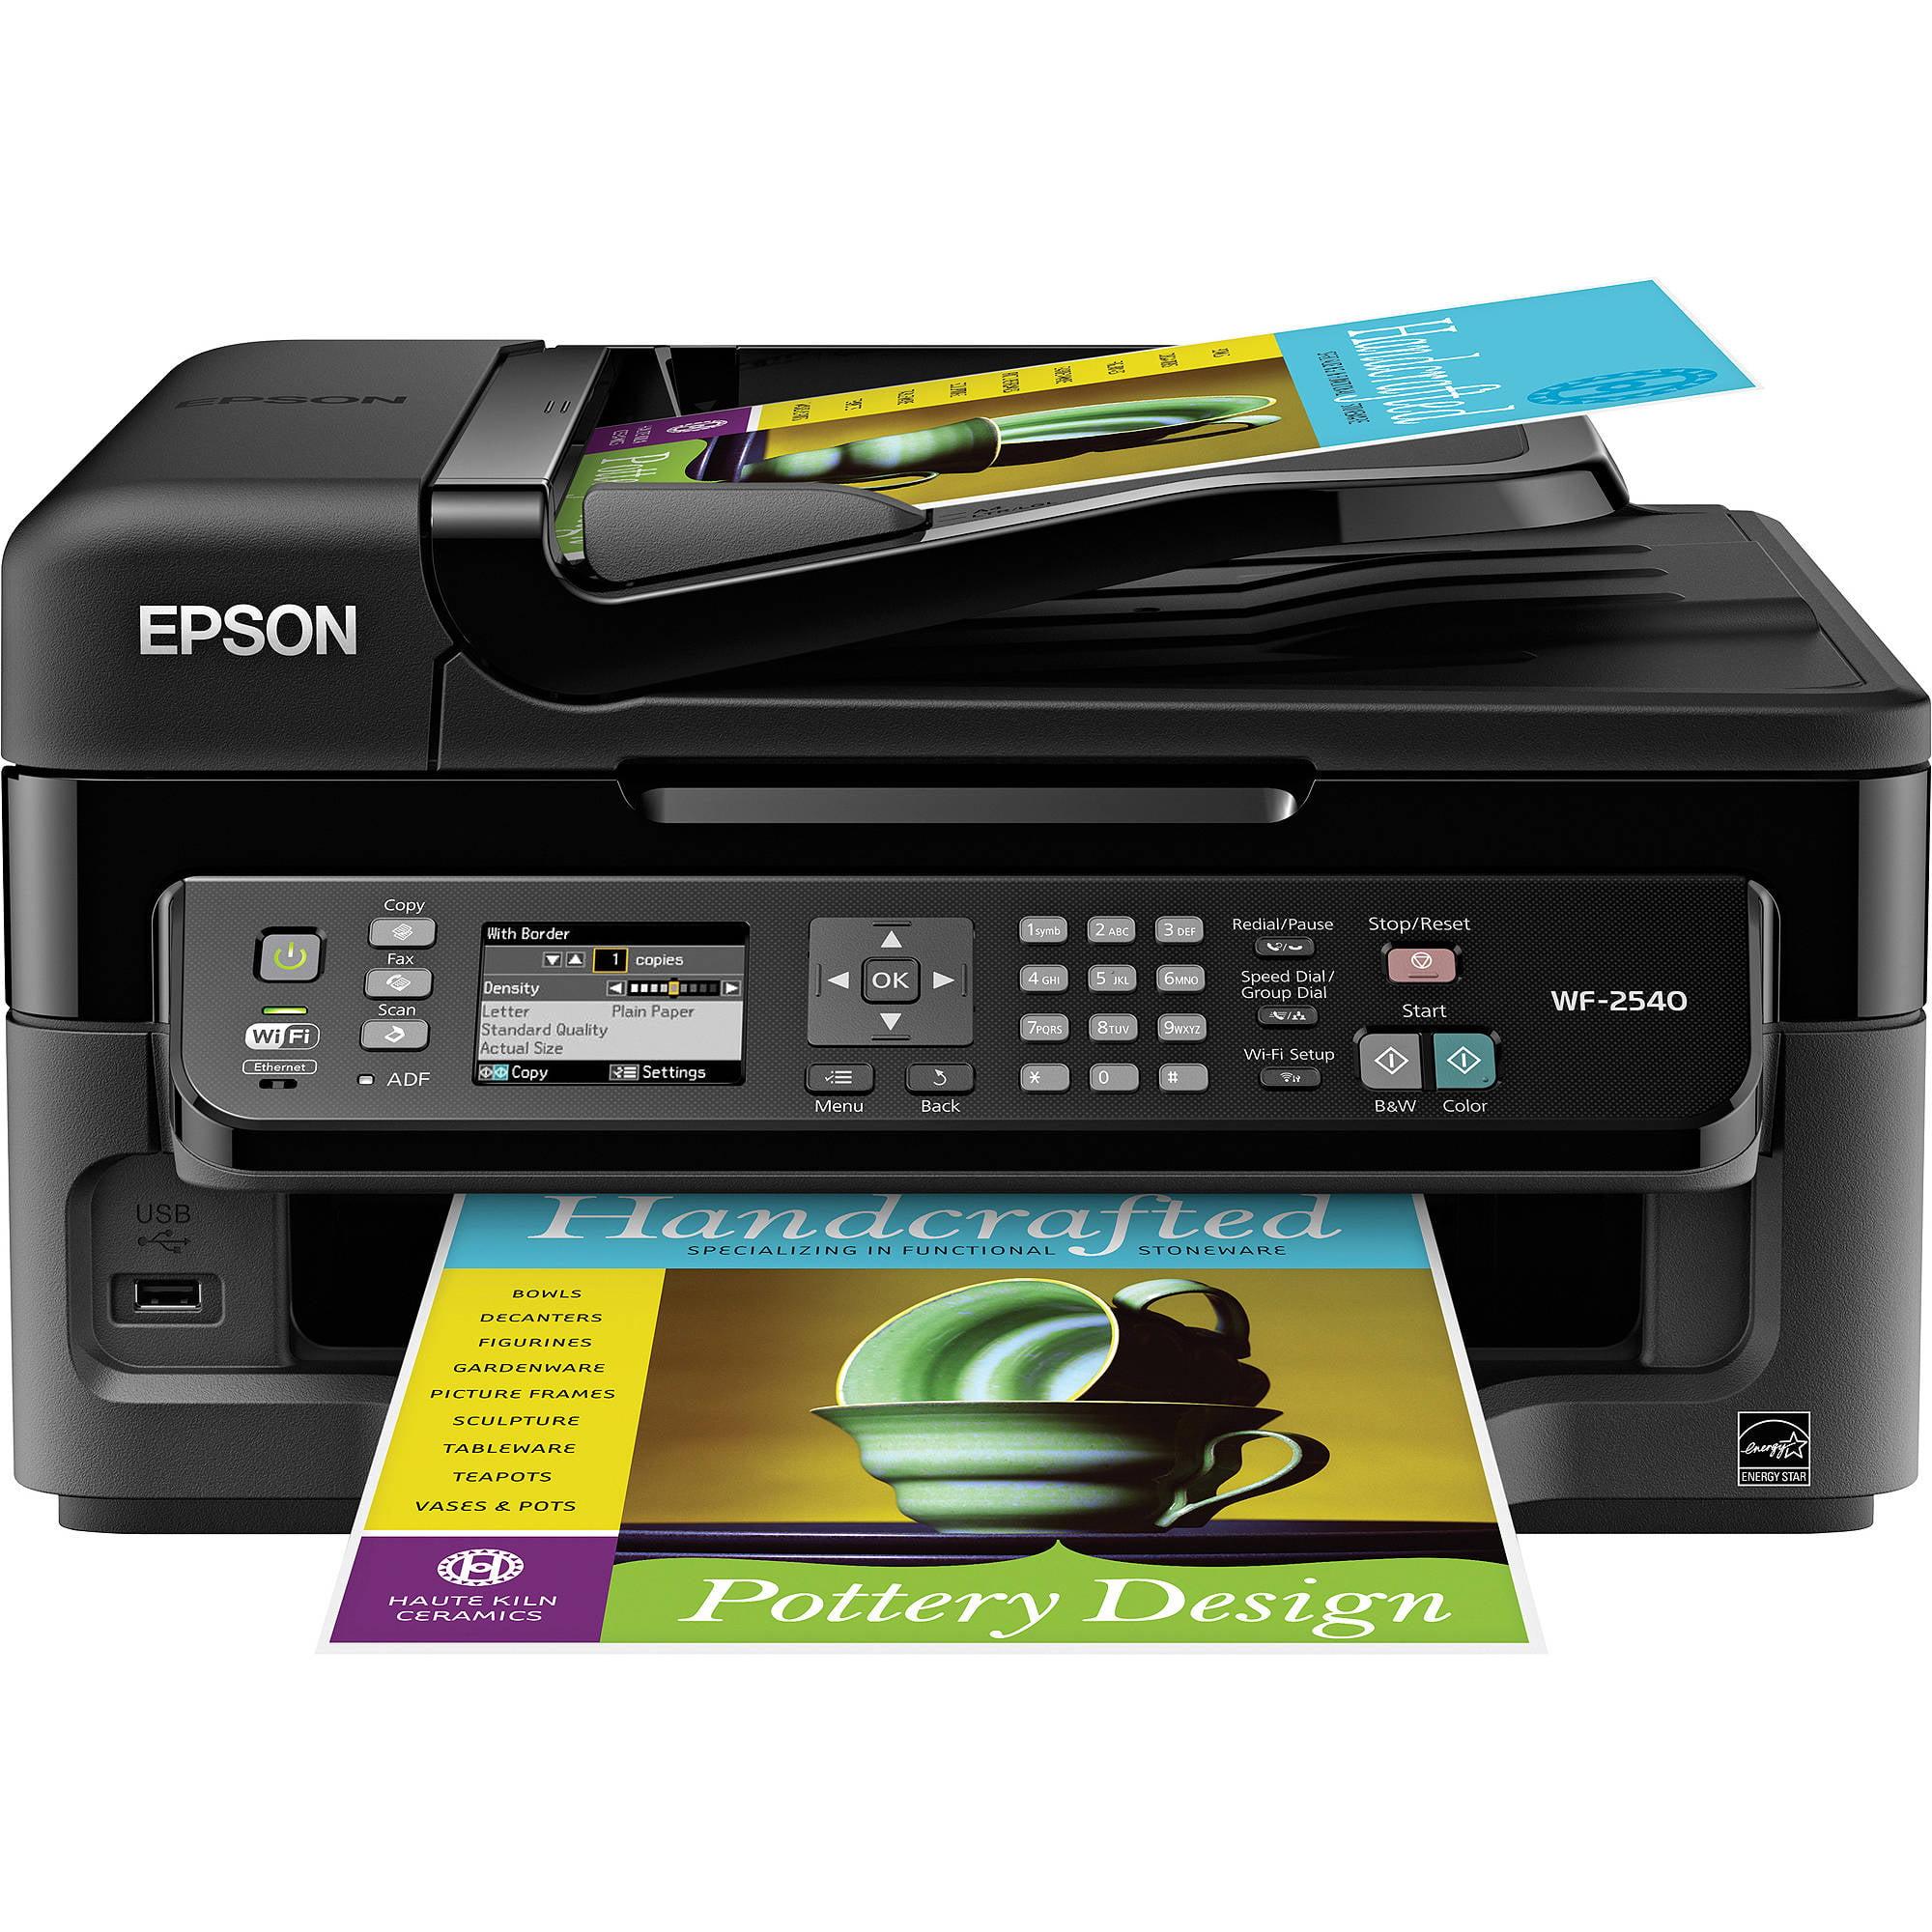 Epson WorkForce WF-2540 Inkjet Multifunction Printer/Copier/Scanner/Fax Machine